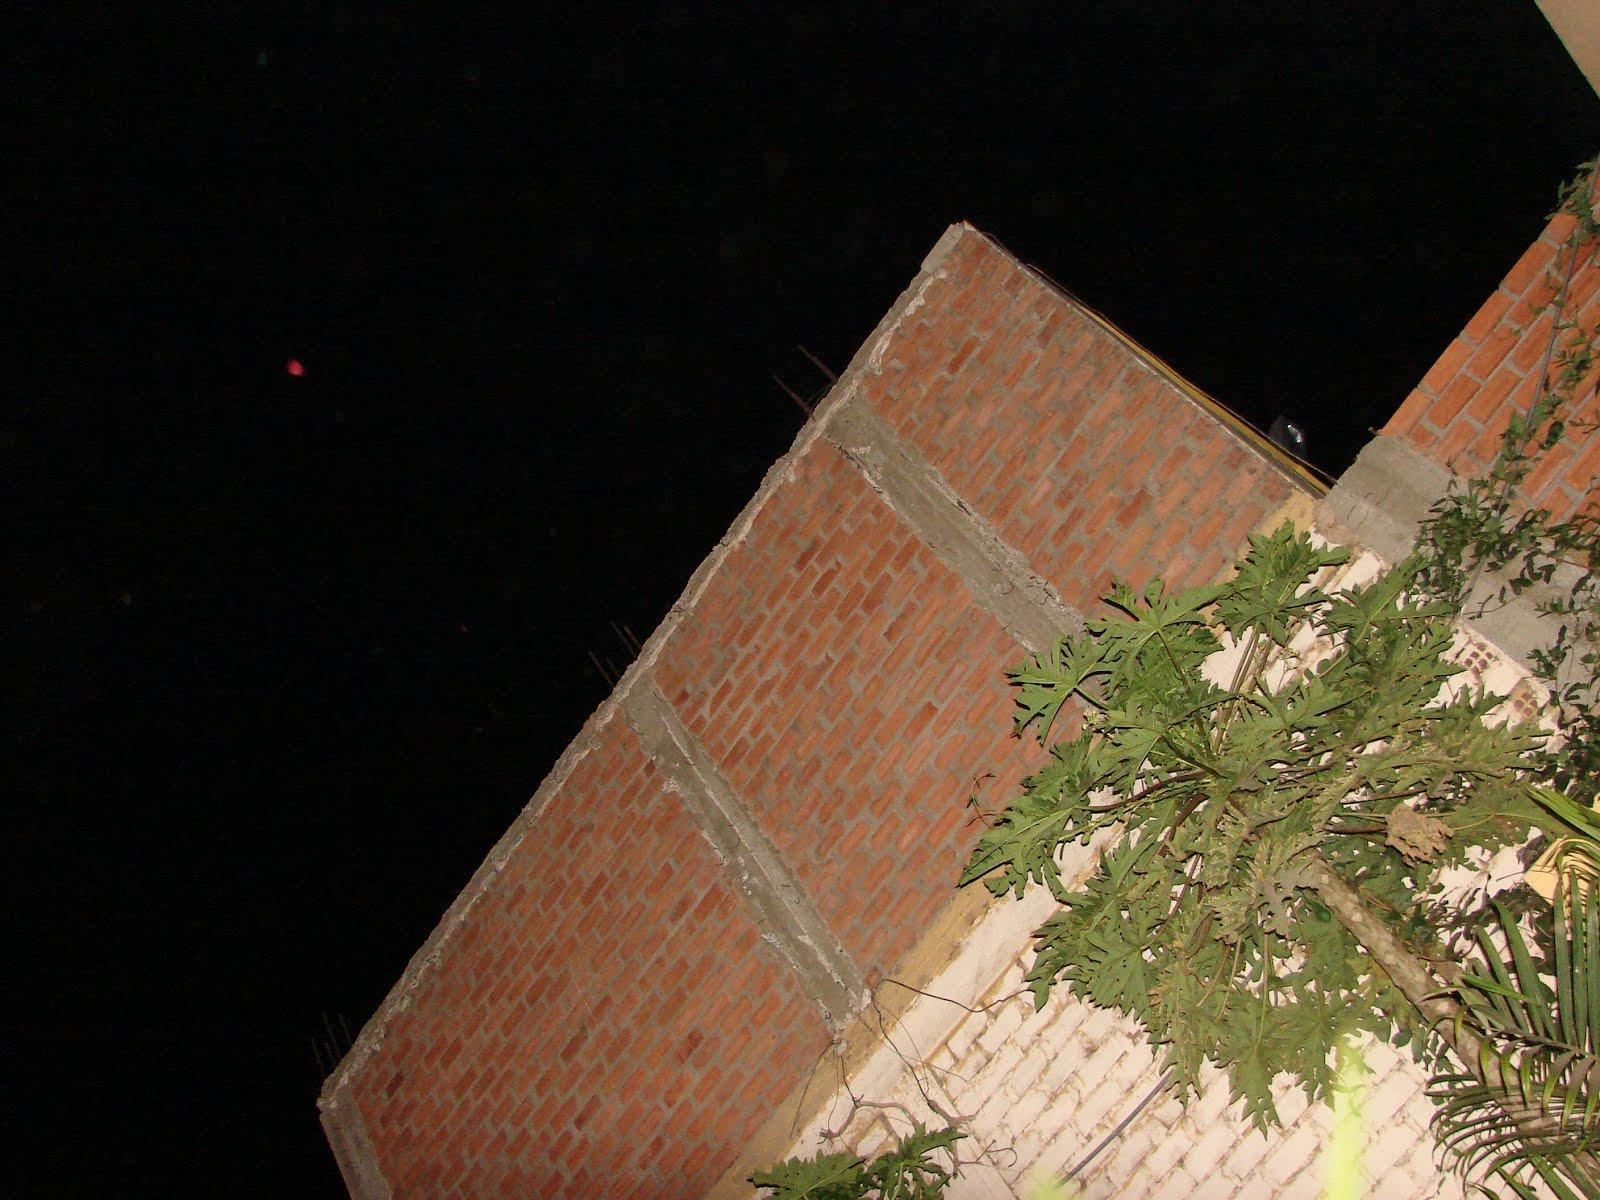 ATENCION-11-12-13-14diciembre-2012-rojo Ultimos avistamientos ovni- NIBIRU-AJENJO